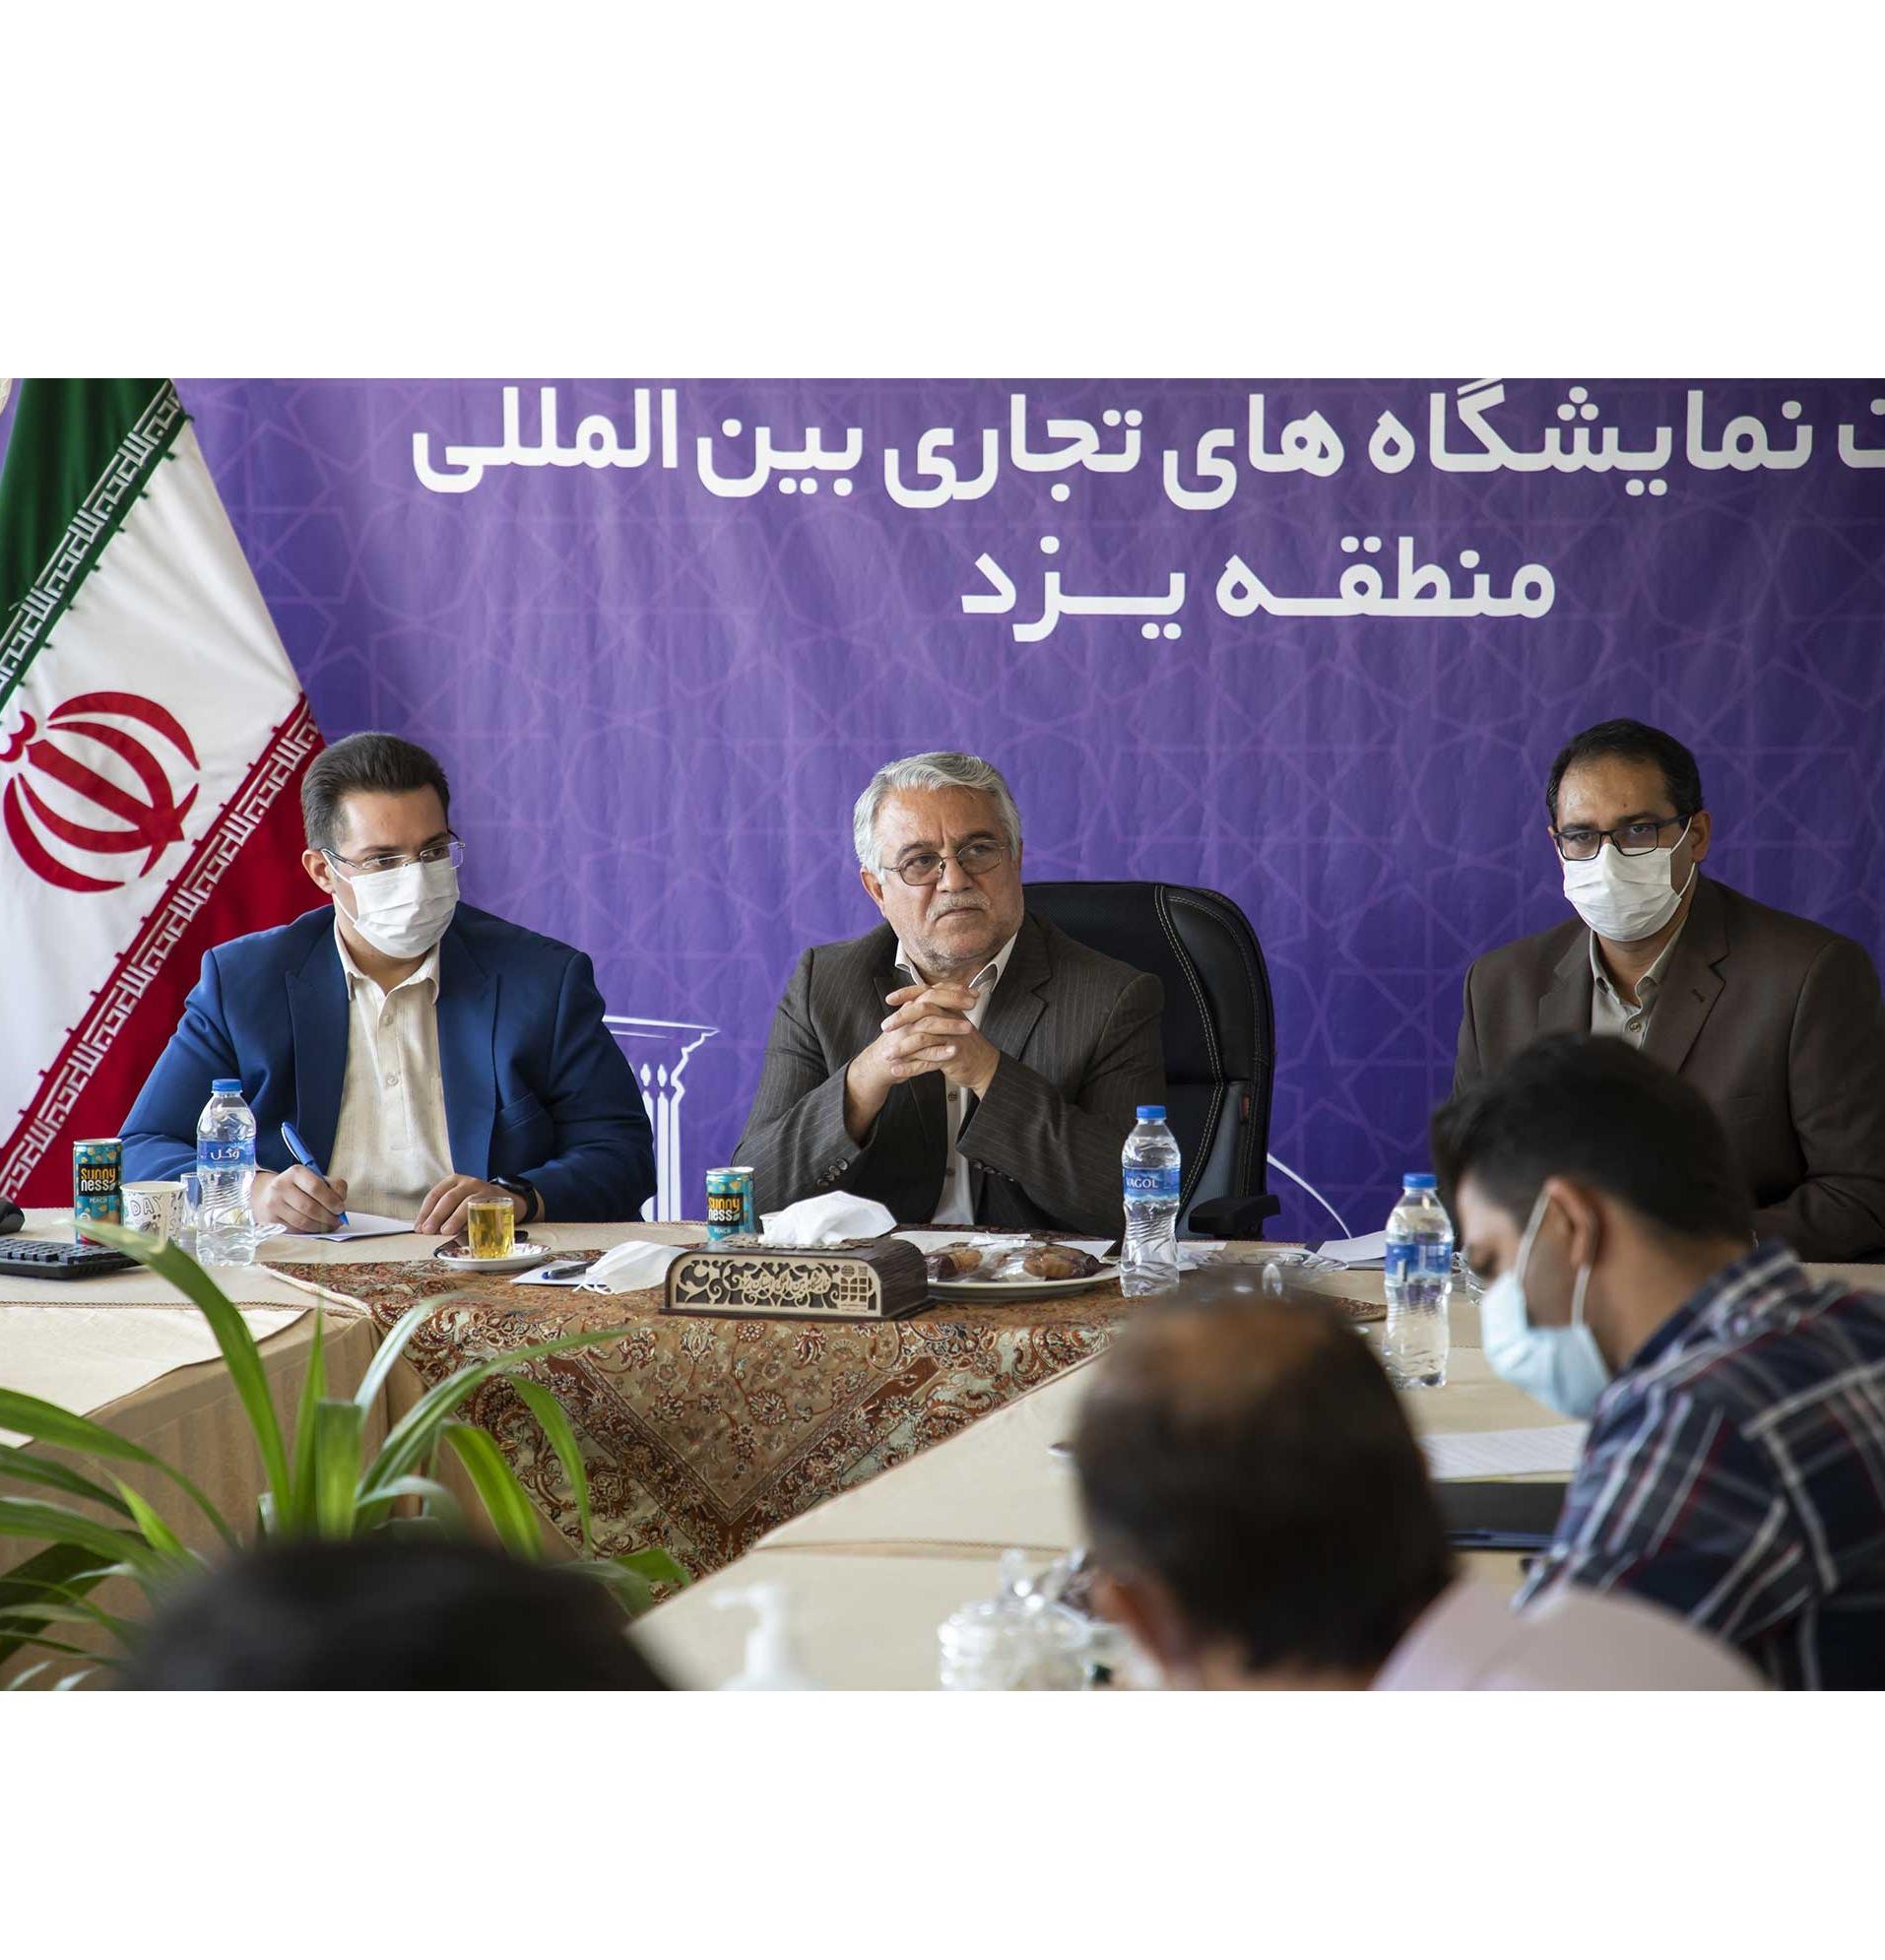 مدیرعامل شرکت نمایشگاههای بینالمللی استان یزد: نمایشگاه بین المللی یزد دیدنی تر از گذشته میشود / پیشبینی ۱۸ عنوان نمایشگاهی تاپایان سال